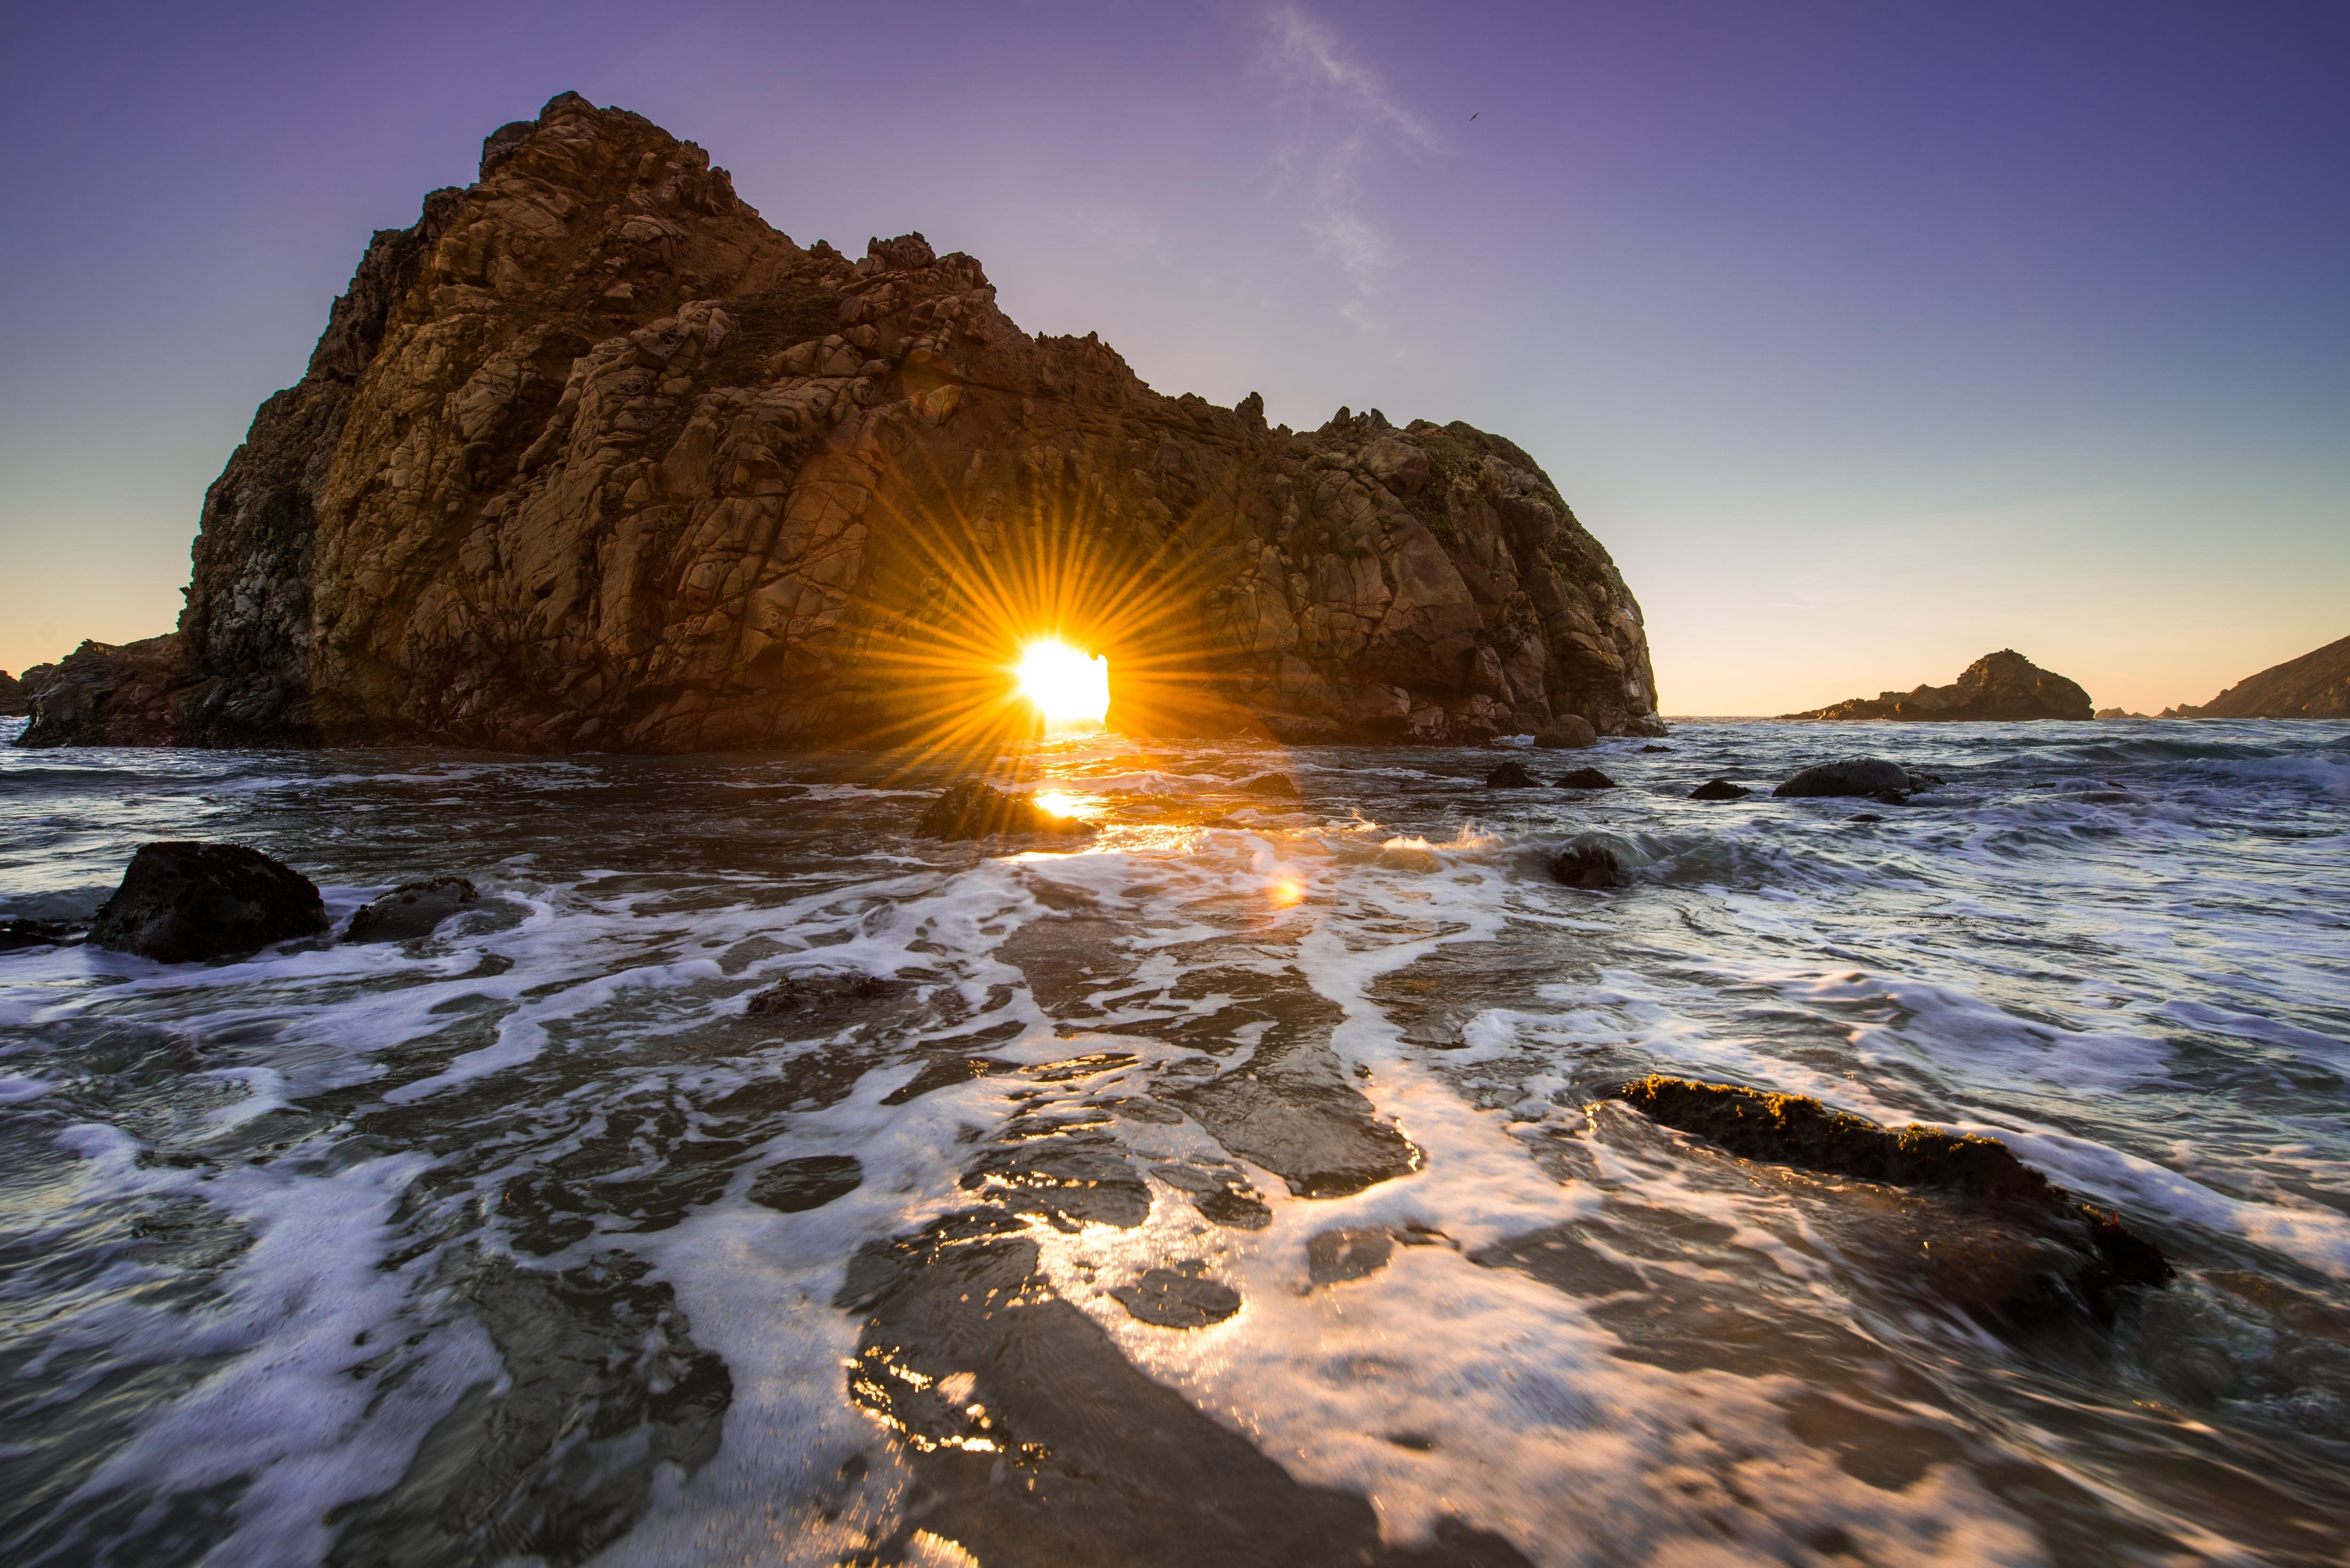 Скалы берег море солнце  № 2719587  скачать